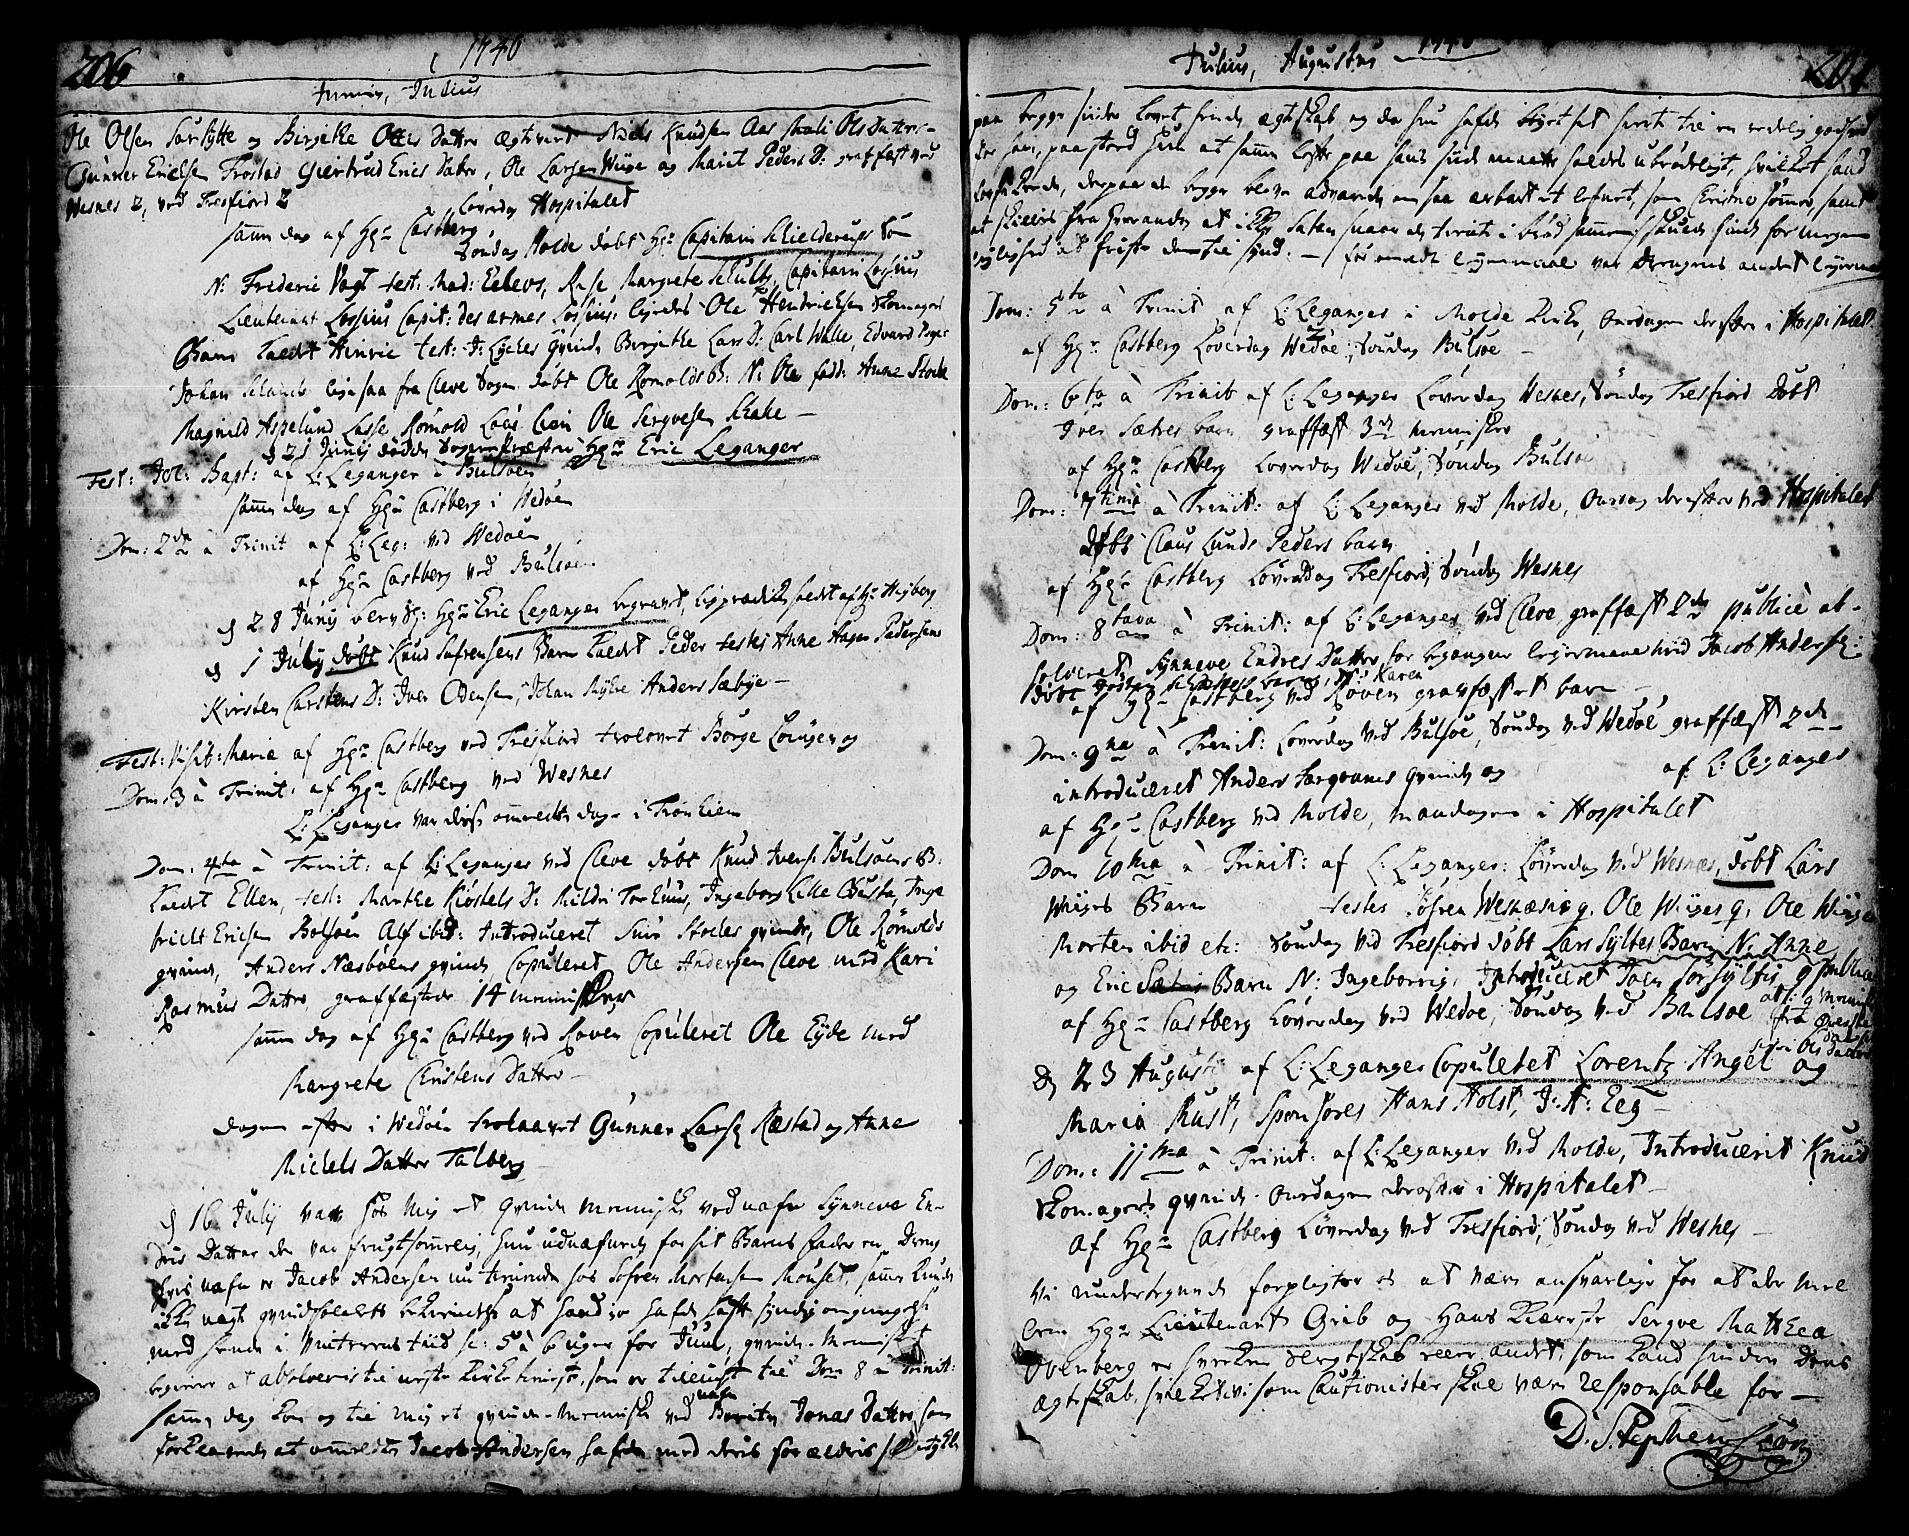 SAT, Ministerialprotokoller, klokkerbøker og fødselsregistre - Møre og Romsdal, 547/L0599: Ministerialbok nr. 547A01, 1721-1764, s. 206-207